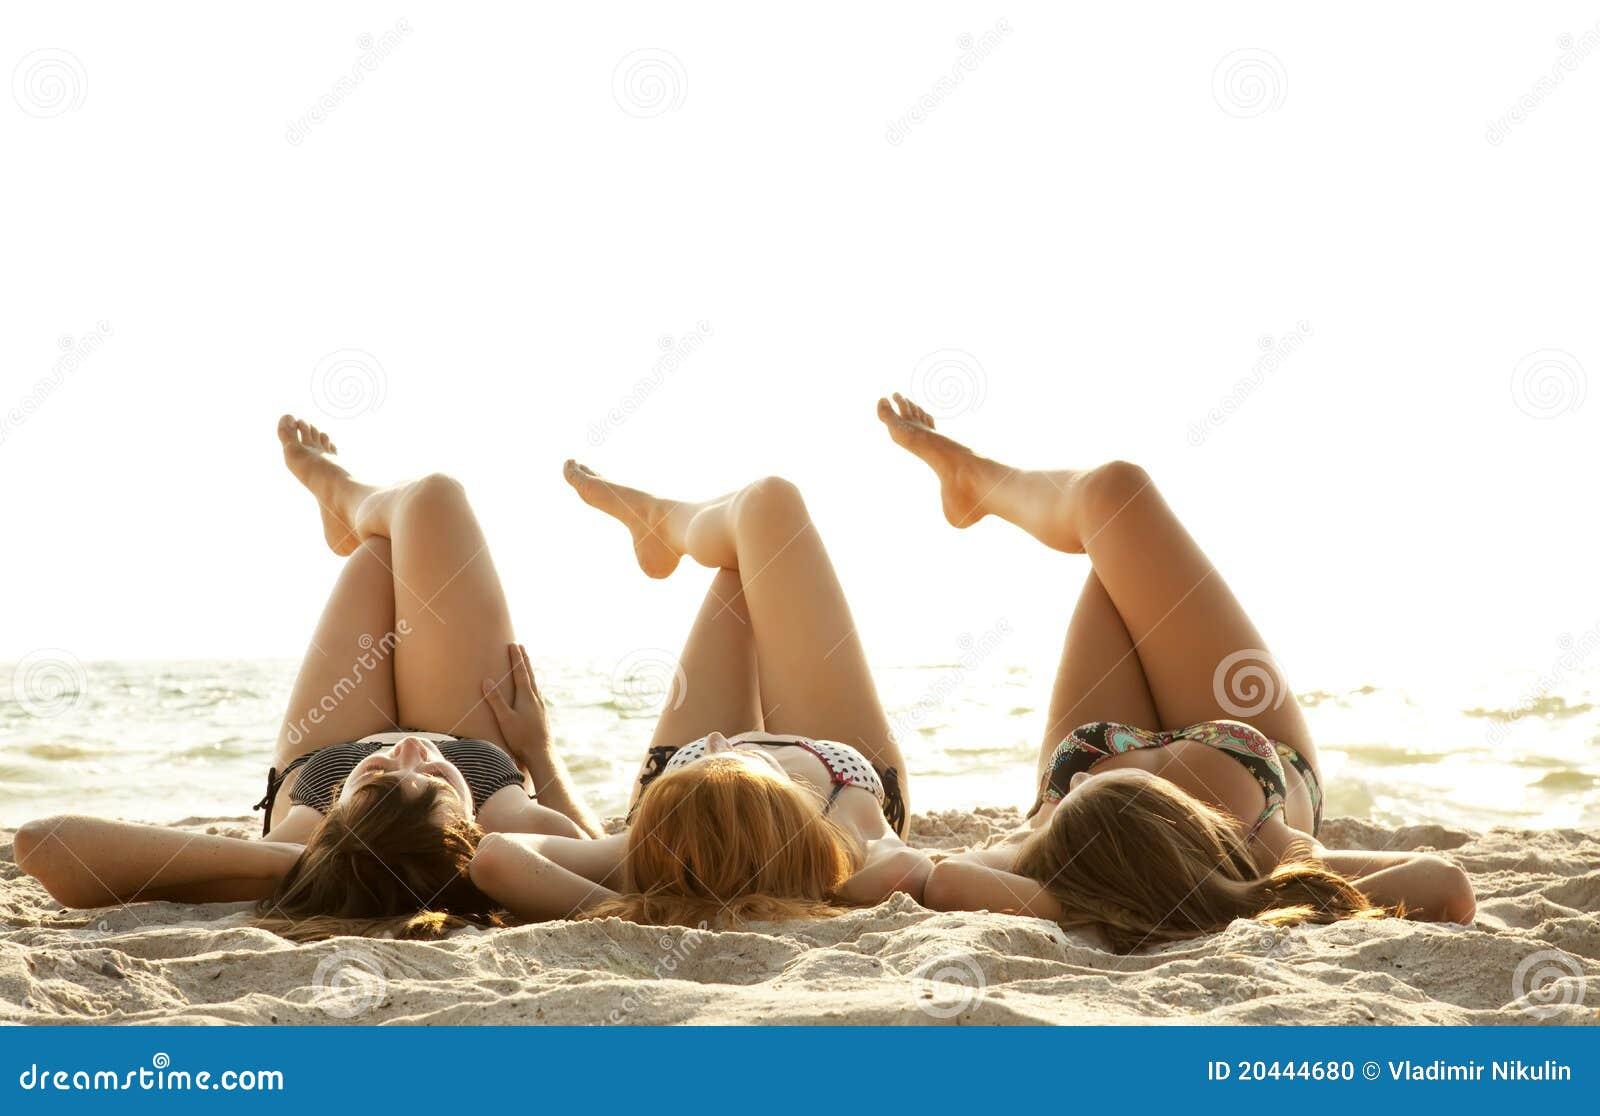 海滩比基尼泳装女朋友